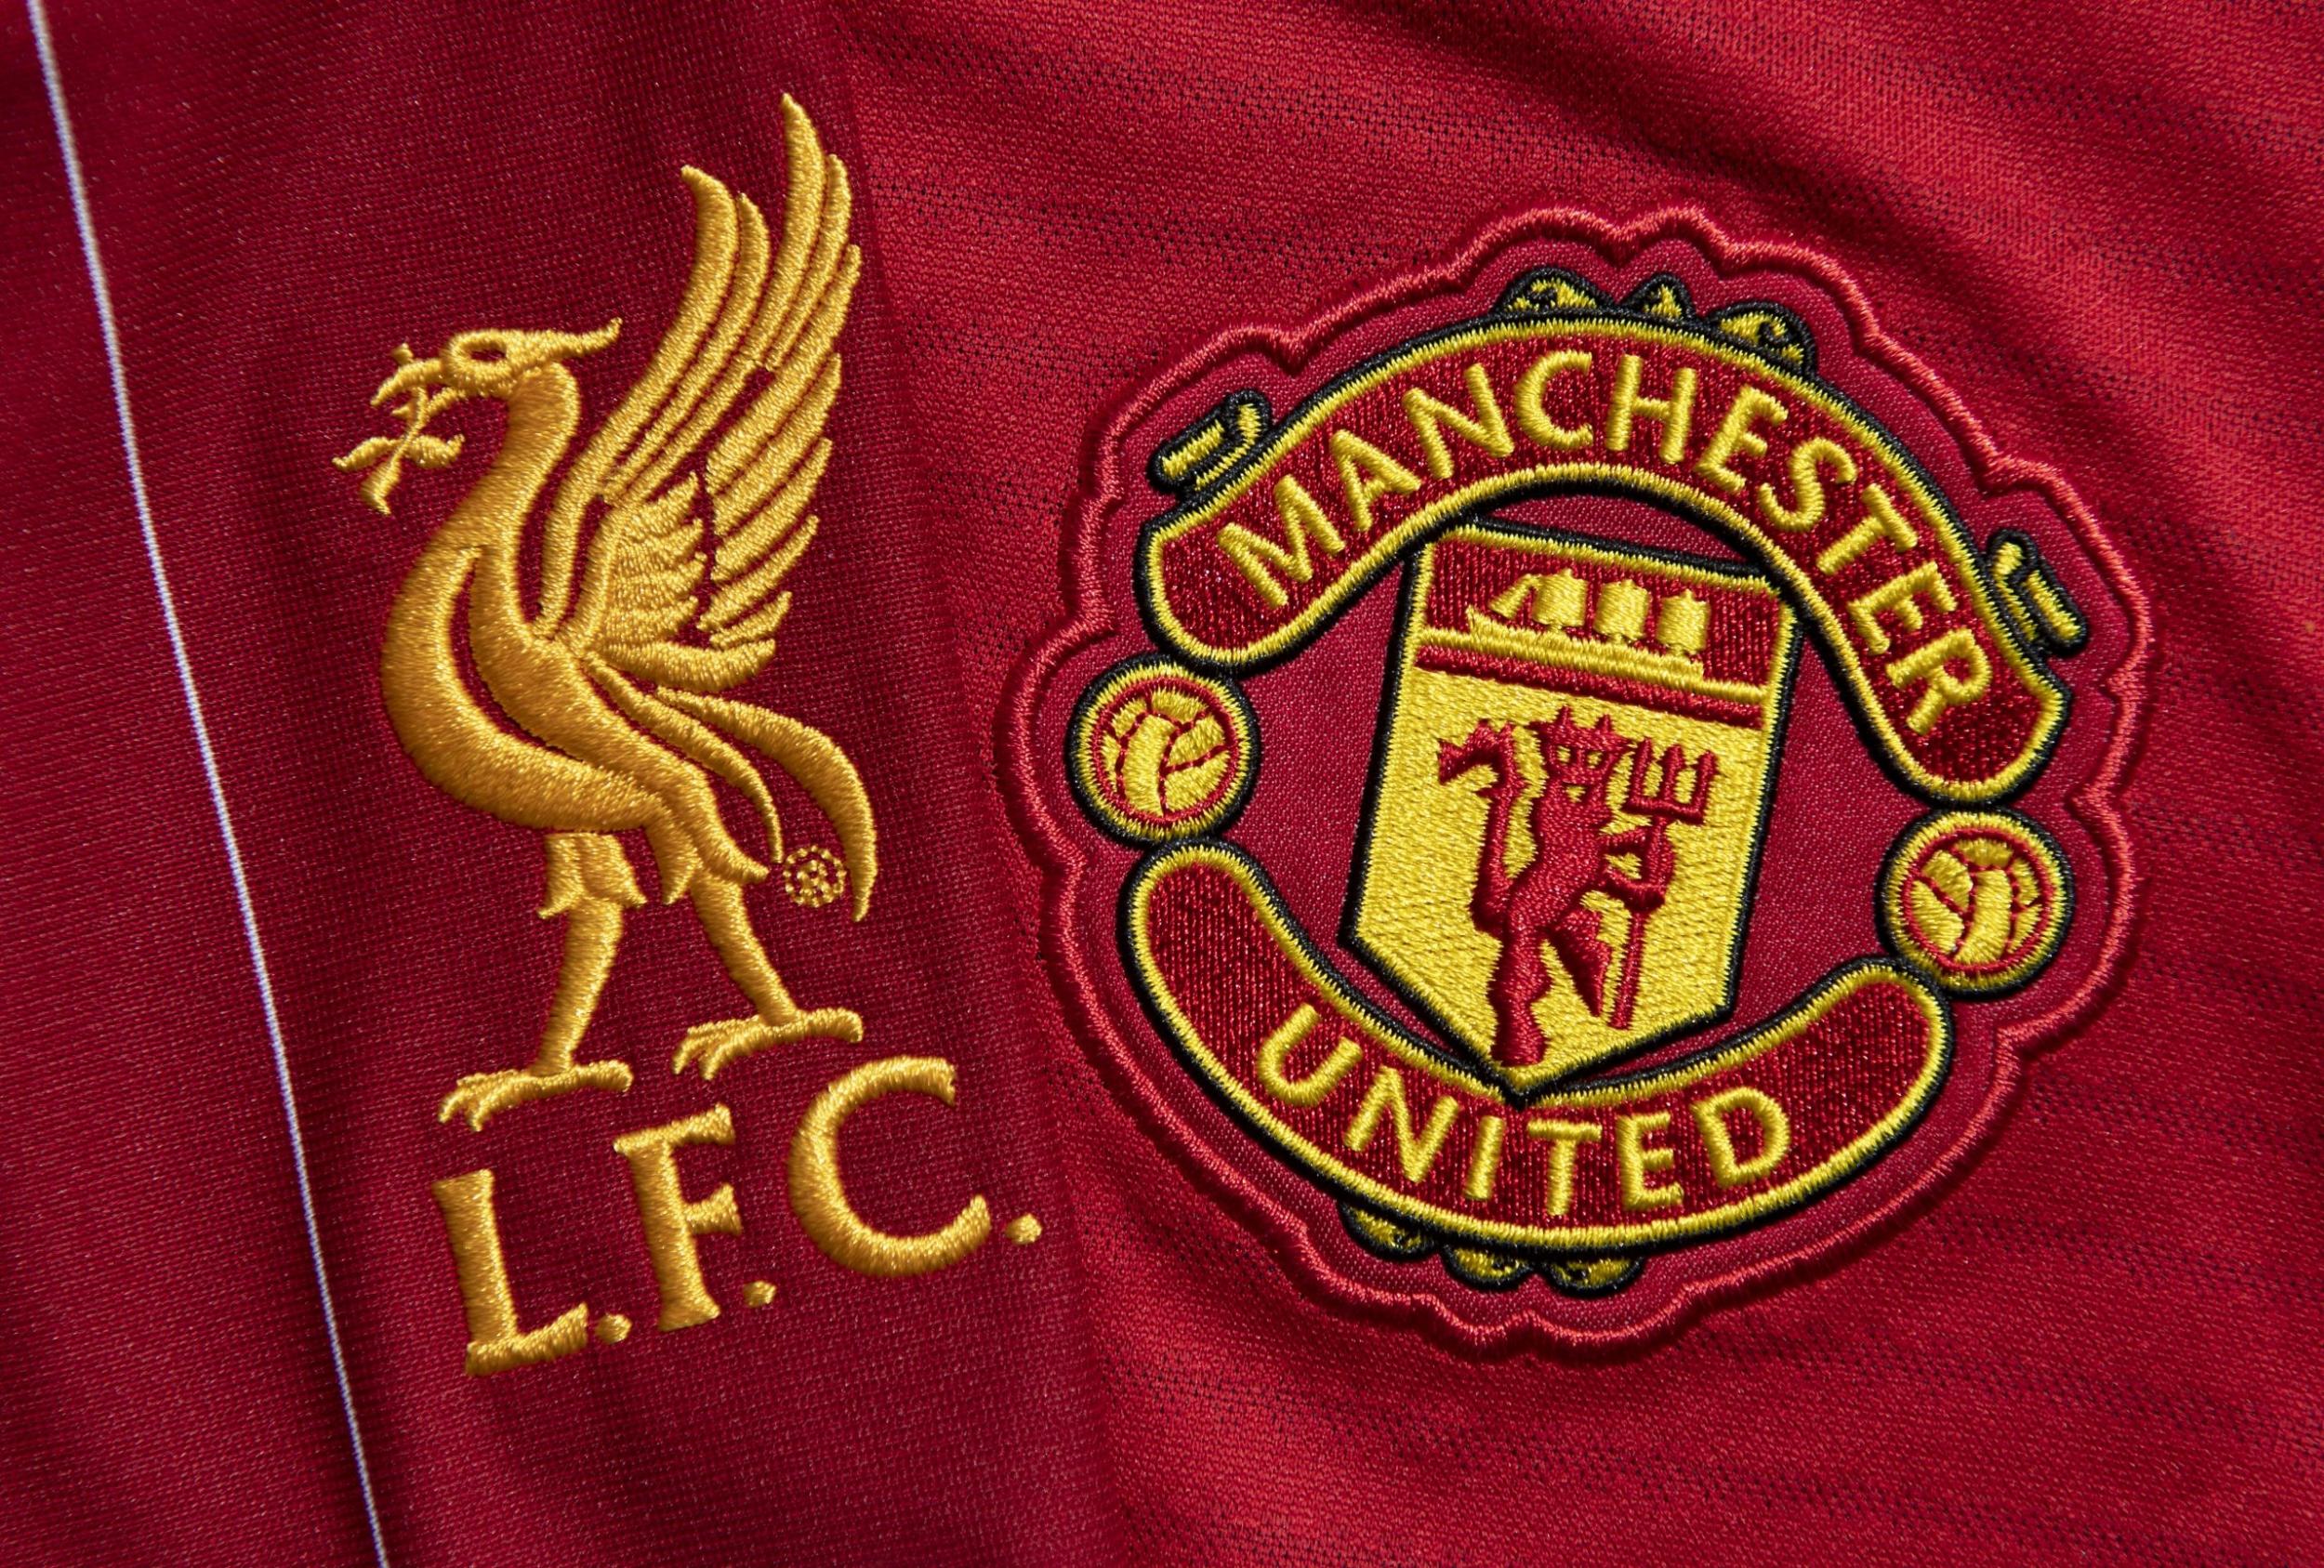 Kênh xem trực tiếp Liverpool vs Man Utd, vòng 18 Ngoại hạng Anh 2020-2021